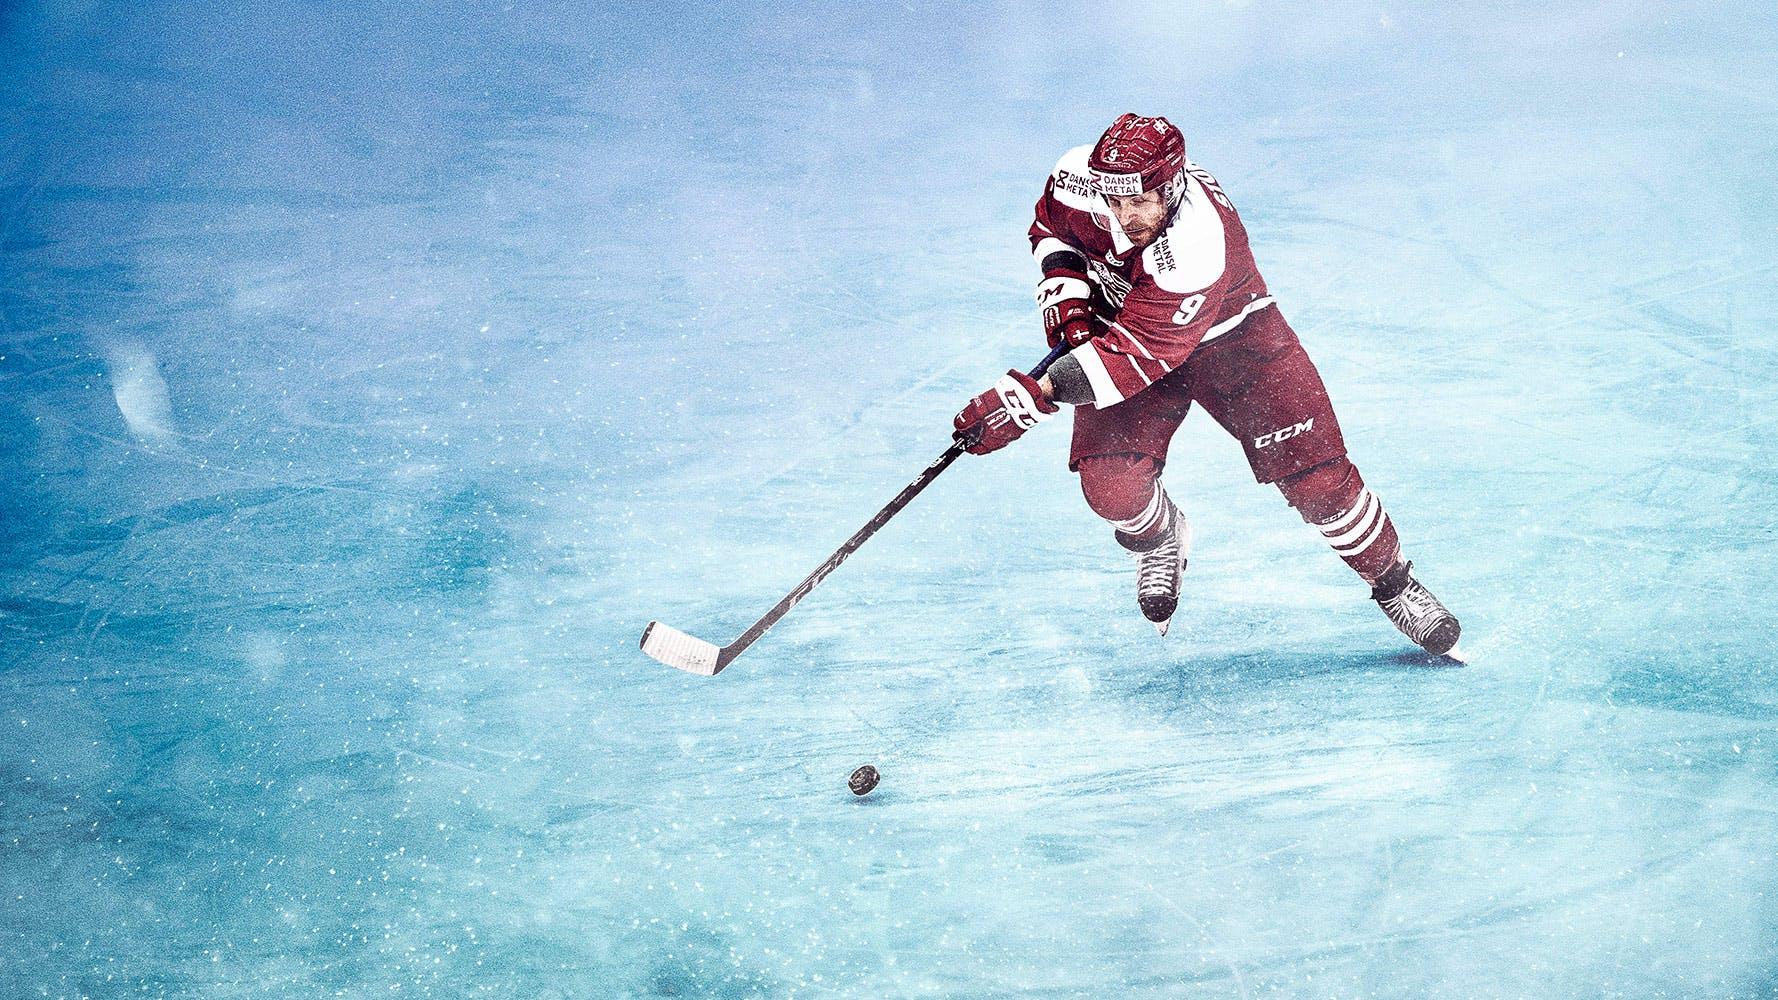 VM i ishockey - se samtlige kampe på TV 2 PLAY